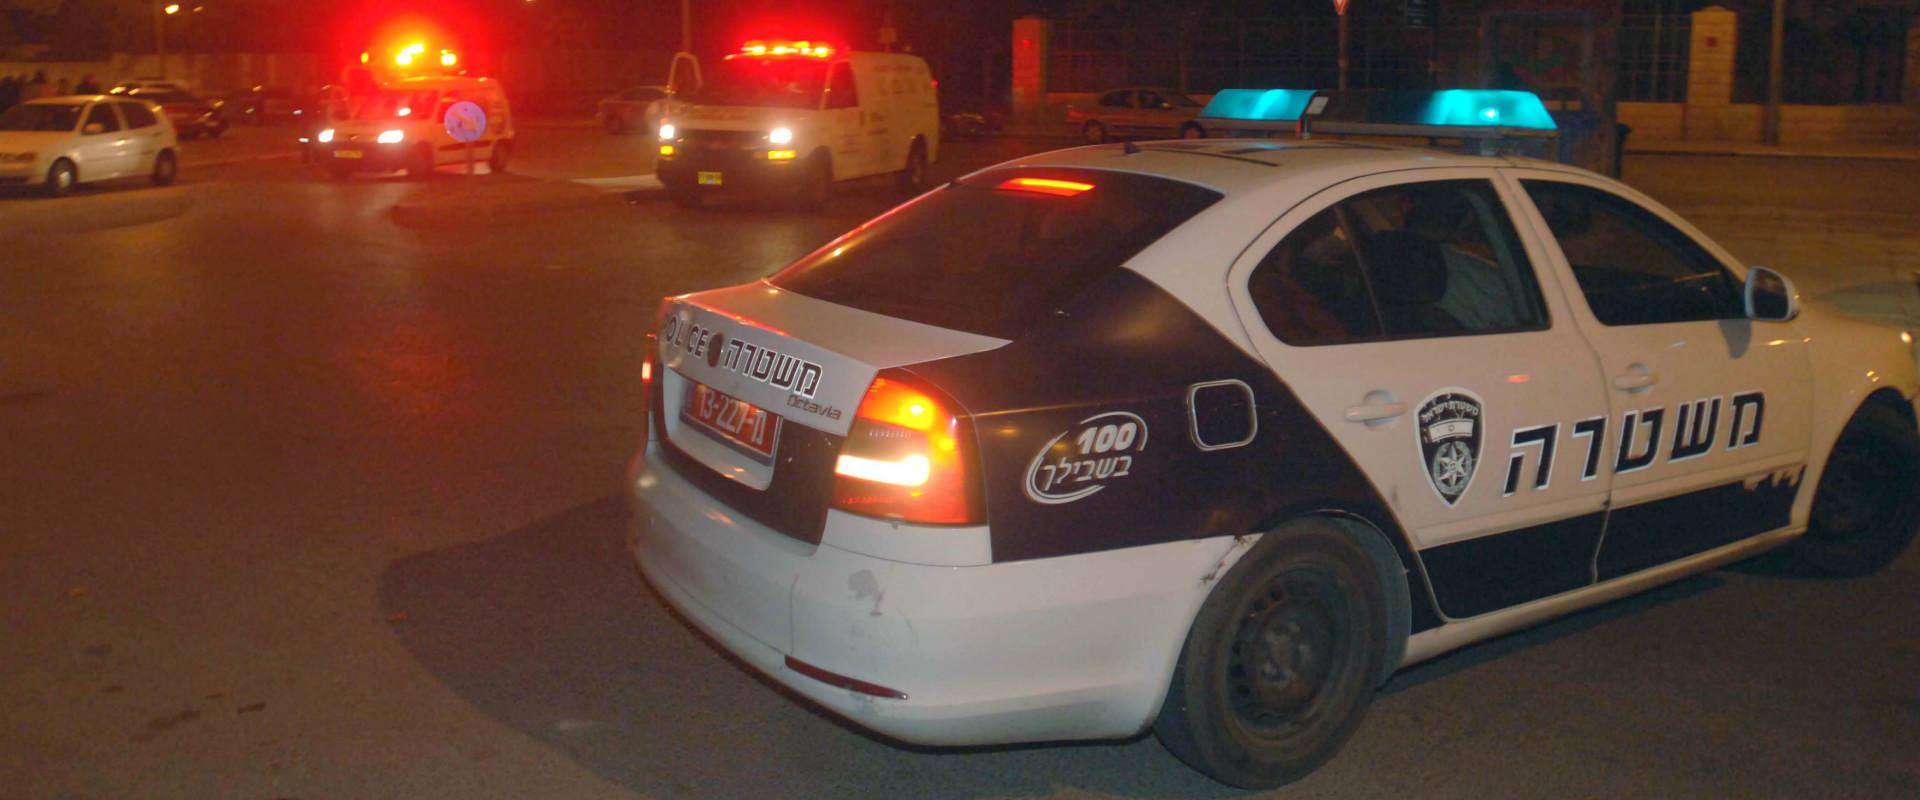 ניידת משטרה בזירת רצח